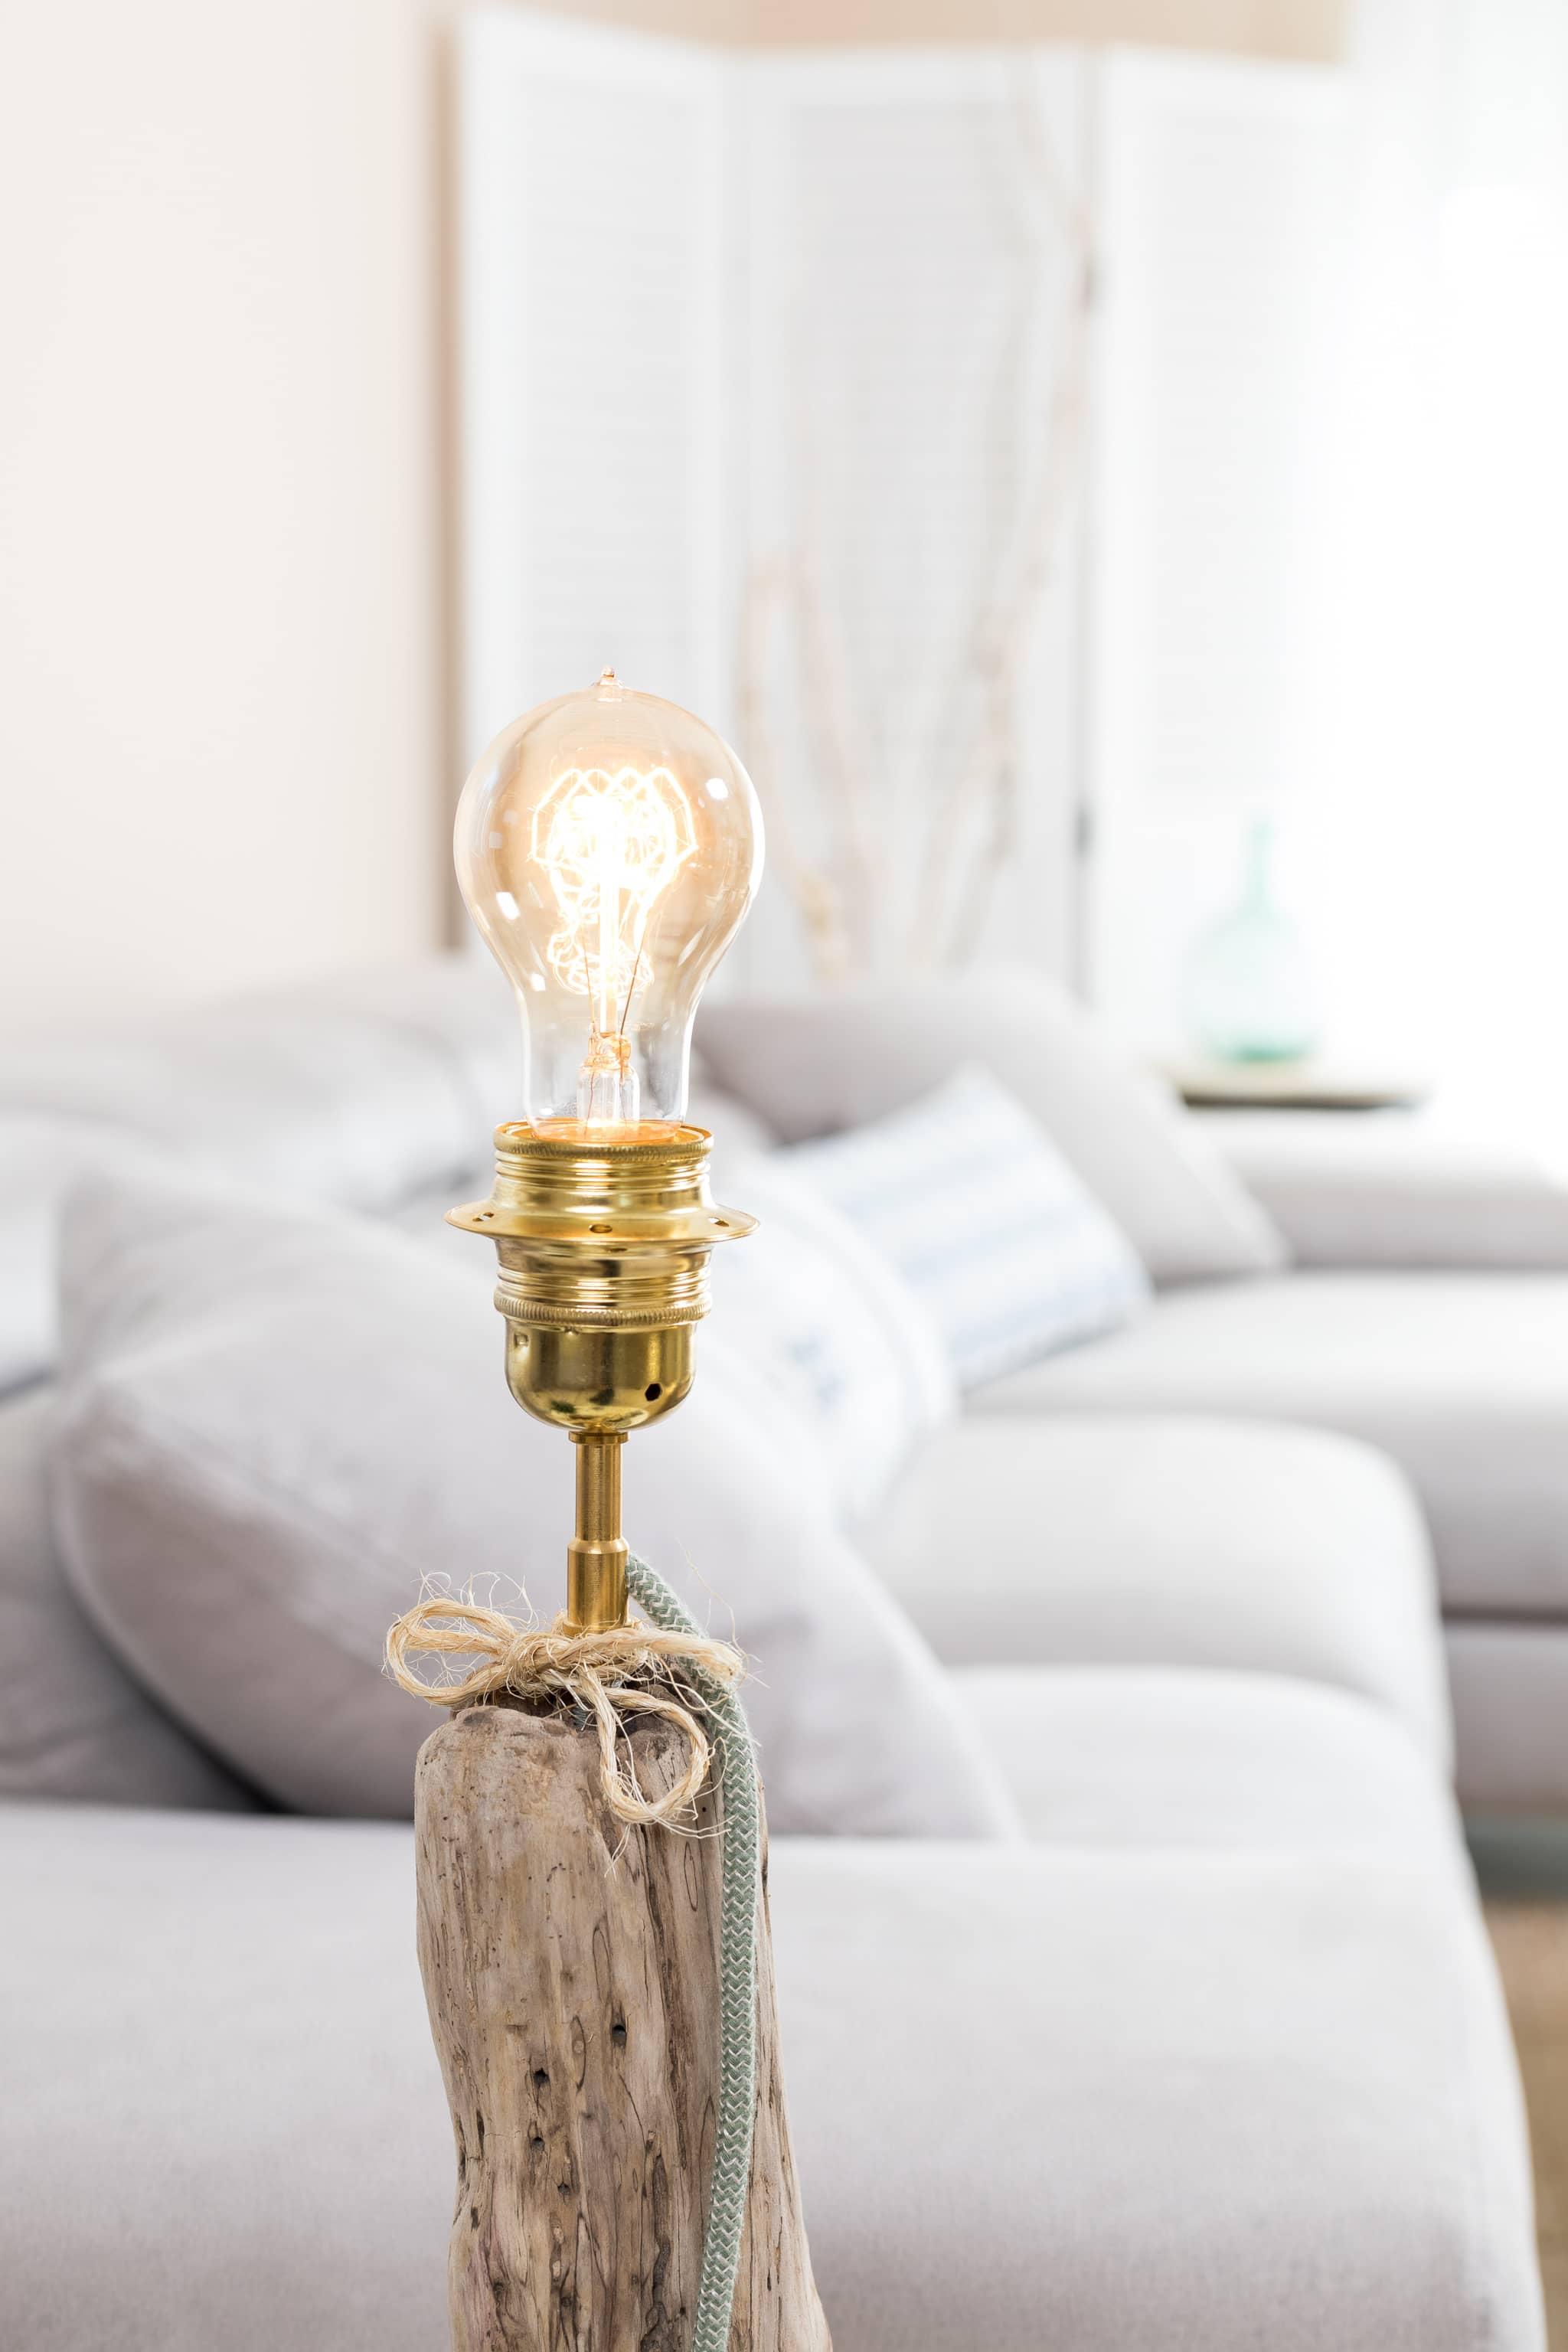 lampe en bois flott et ampoule goutte vintage ambiance nature. Black Bedroom Furniture Sets. Home Design Ideas